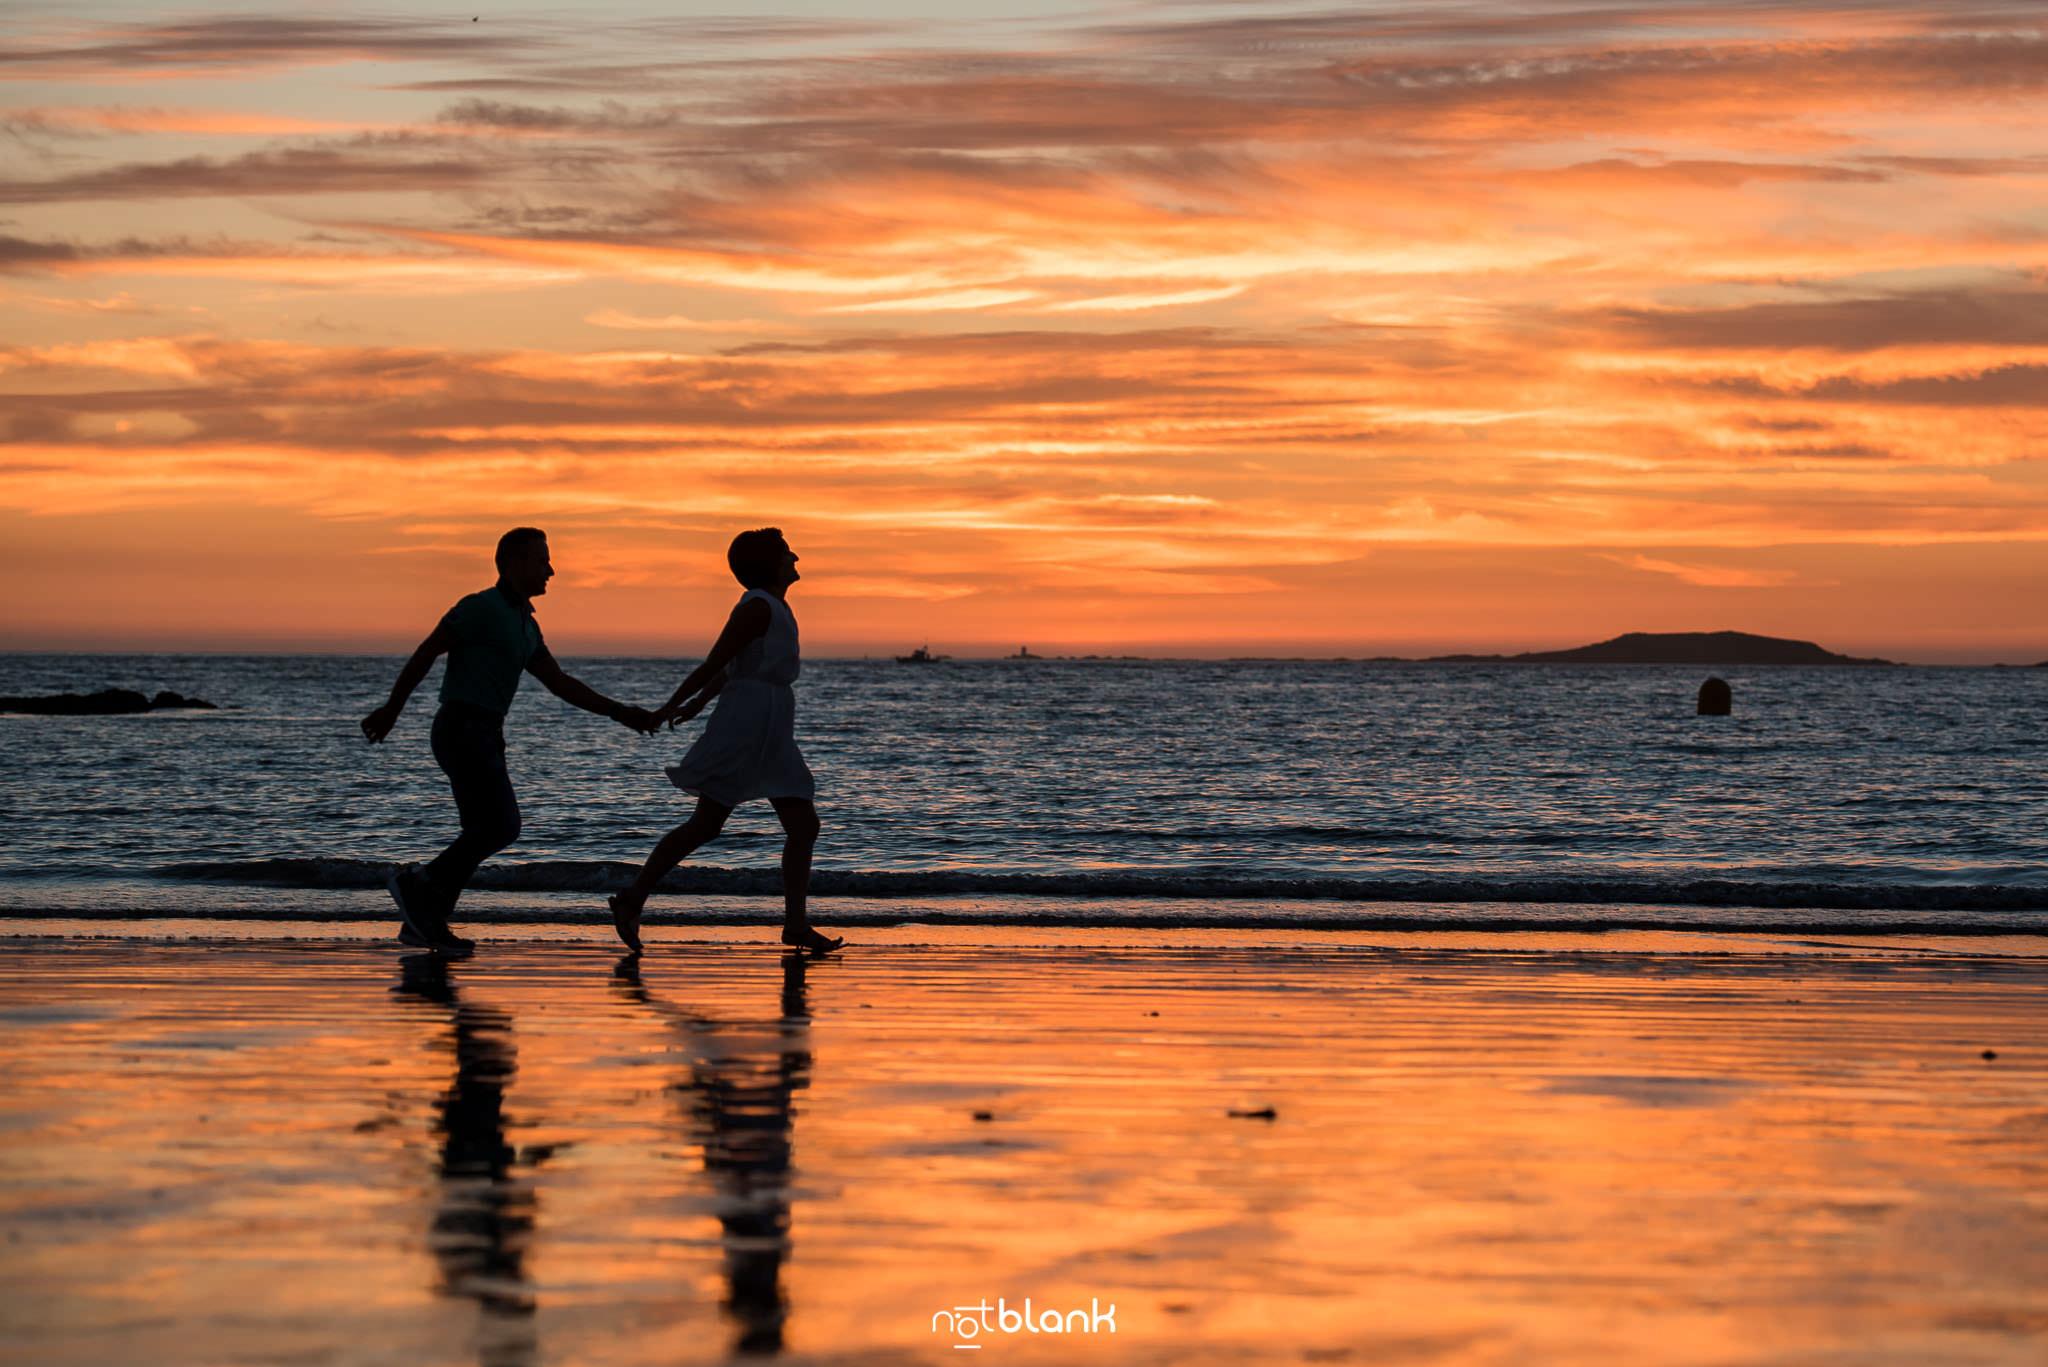 Sesión de fotos preboda en Playa América Nigrán |Fotos preboda Val Miñor Jéssica & Rubén | Fotografos Vigo | Fotografos Ourense | Fotografos Galicia | Fotografos Coruña | Fotografos Santiago |